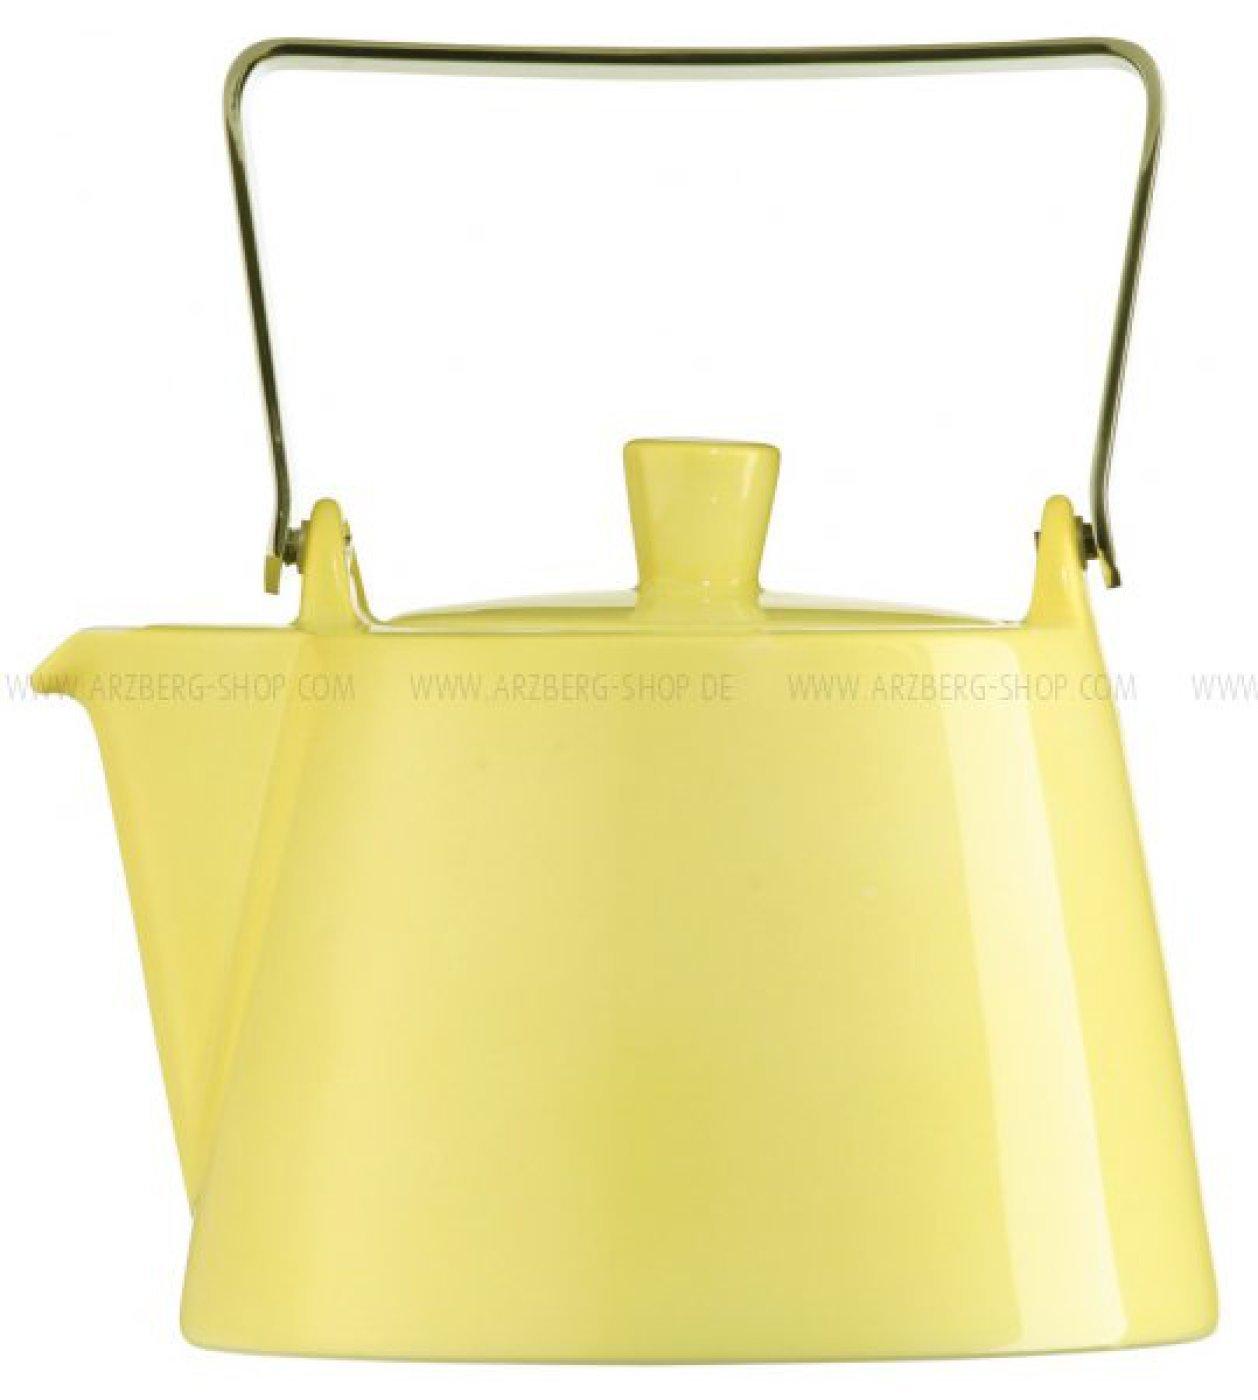 Teekannendeckel  12 cm Daily weiß von Arzberg